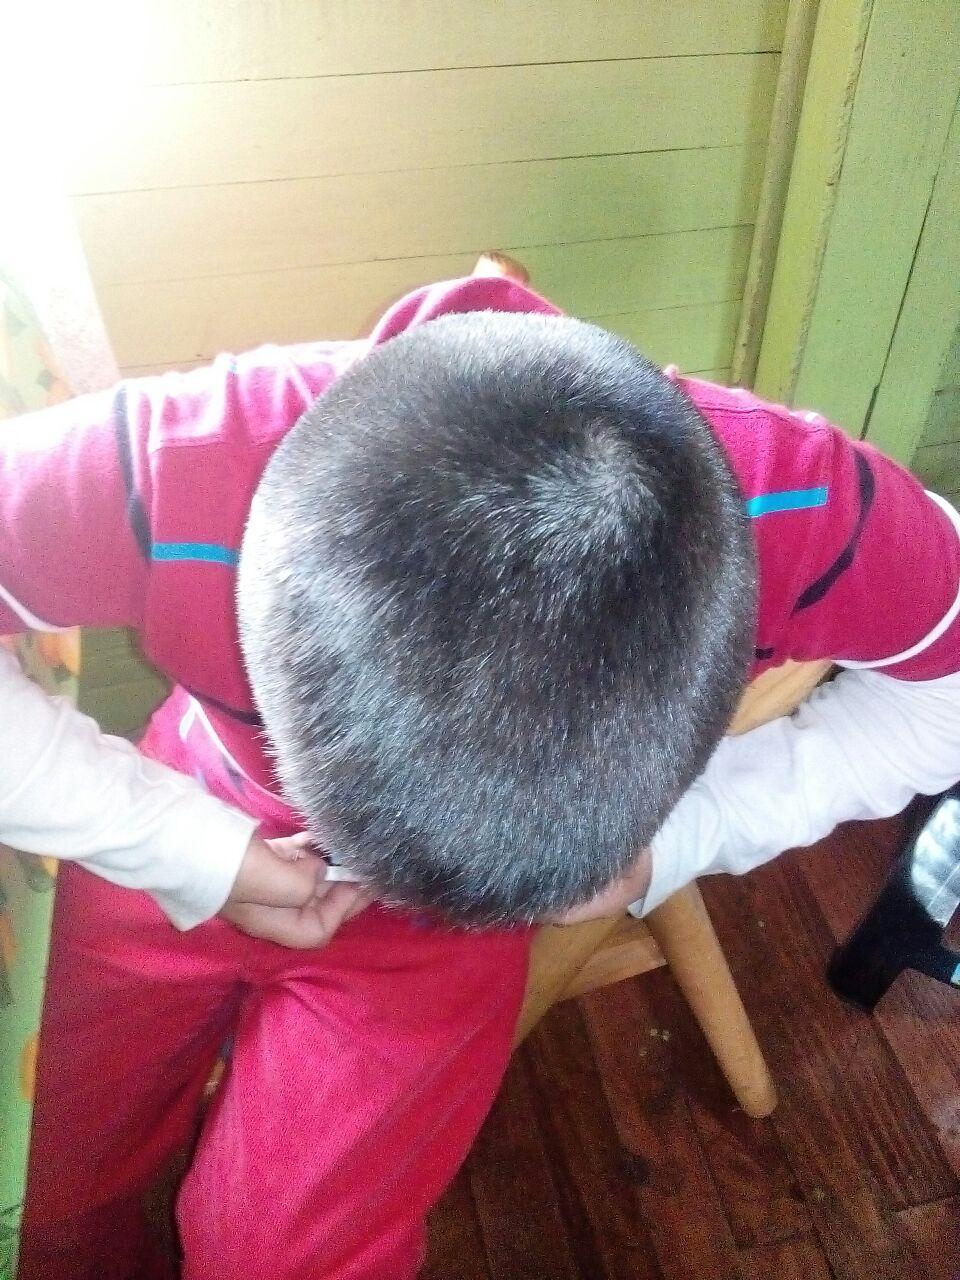 Apoderado denuncia que colegio de Mulchén cortó el pelo de su hijo sin previo aviso